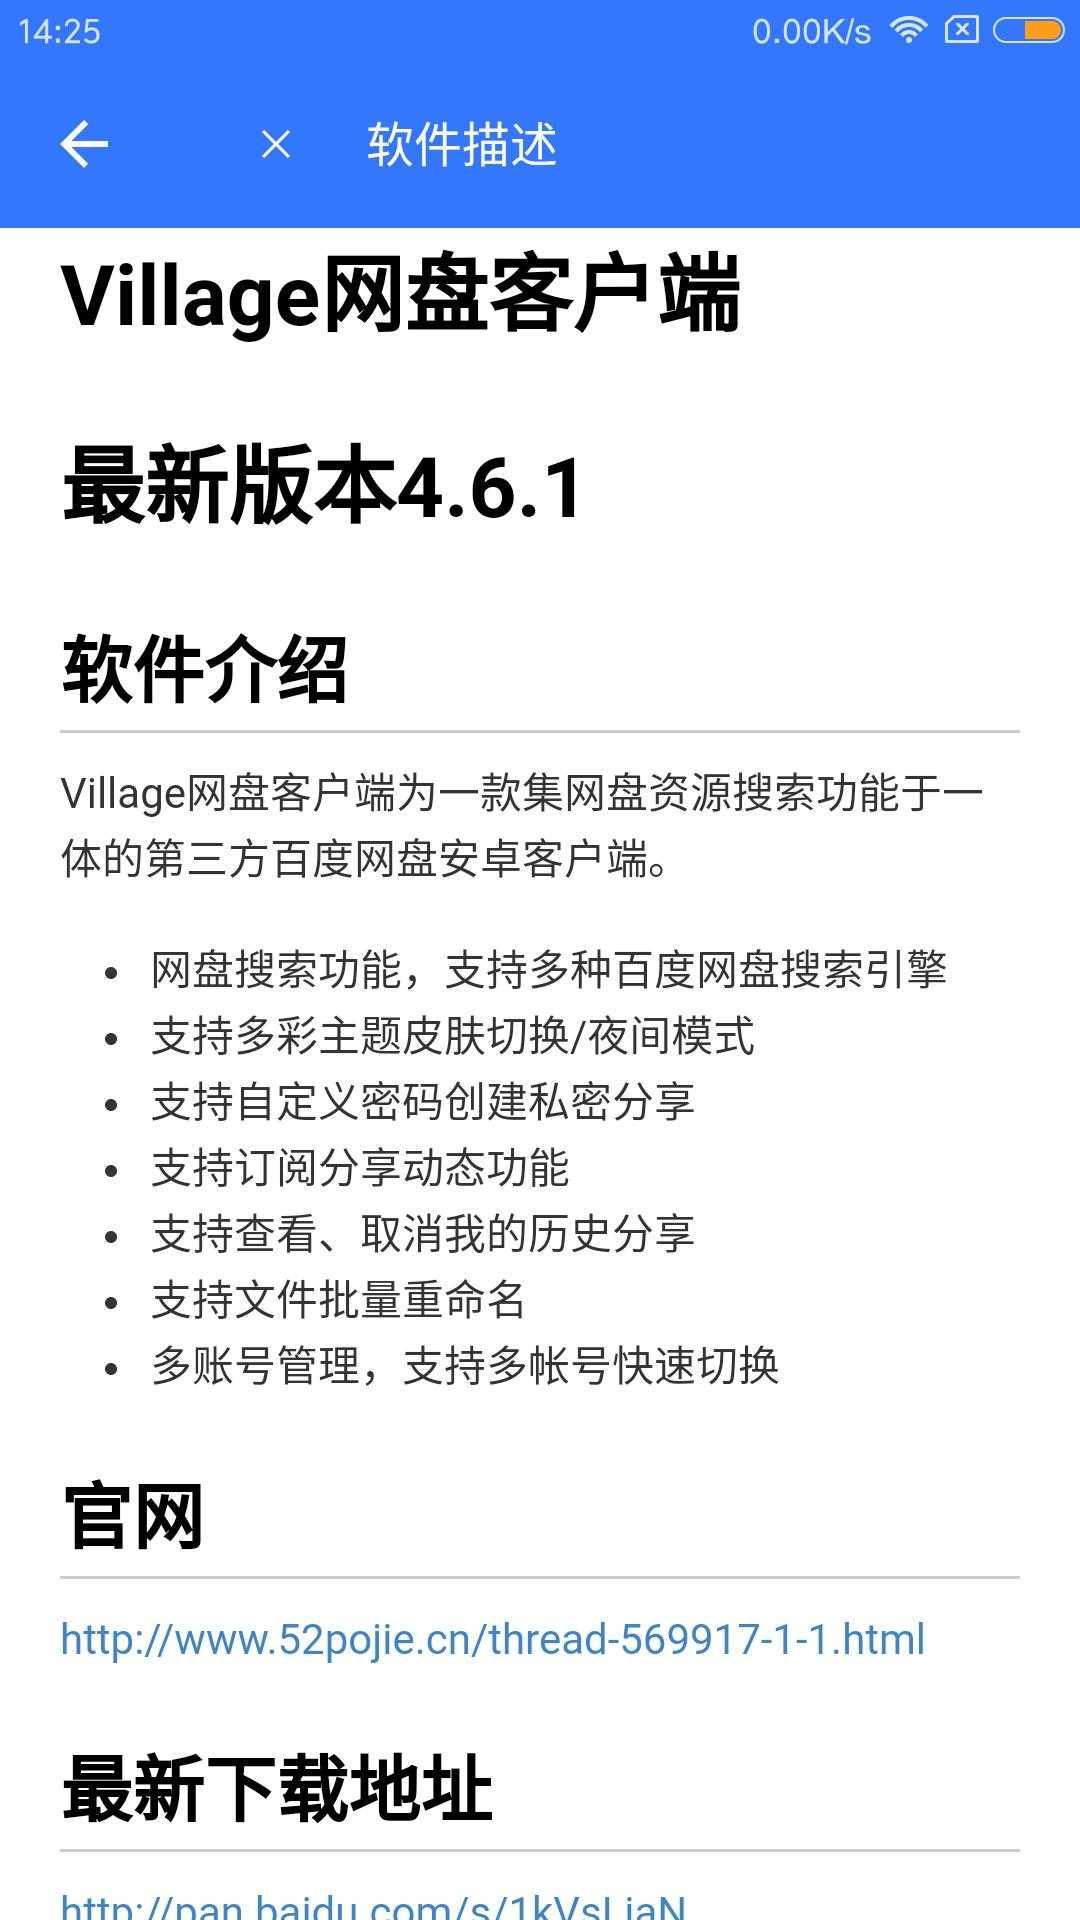 screenshot_2018-06-05-14-25-18-738_com.downloading.main.baiduyundownload.png